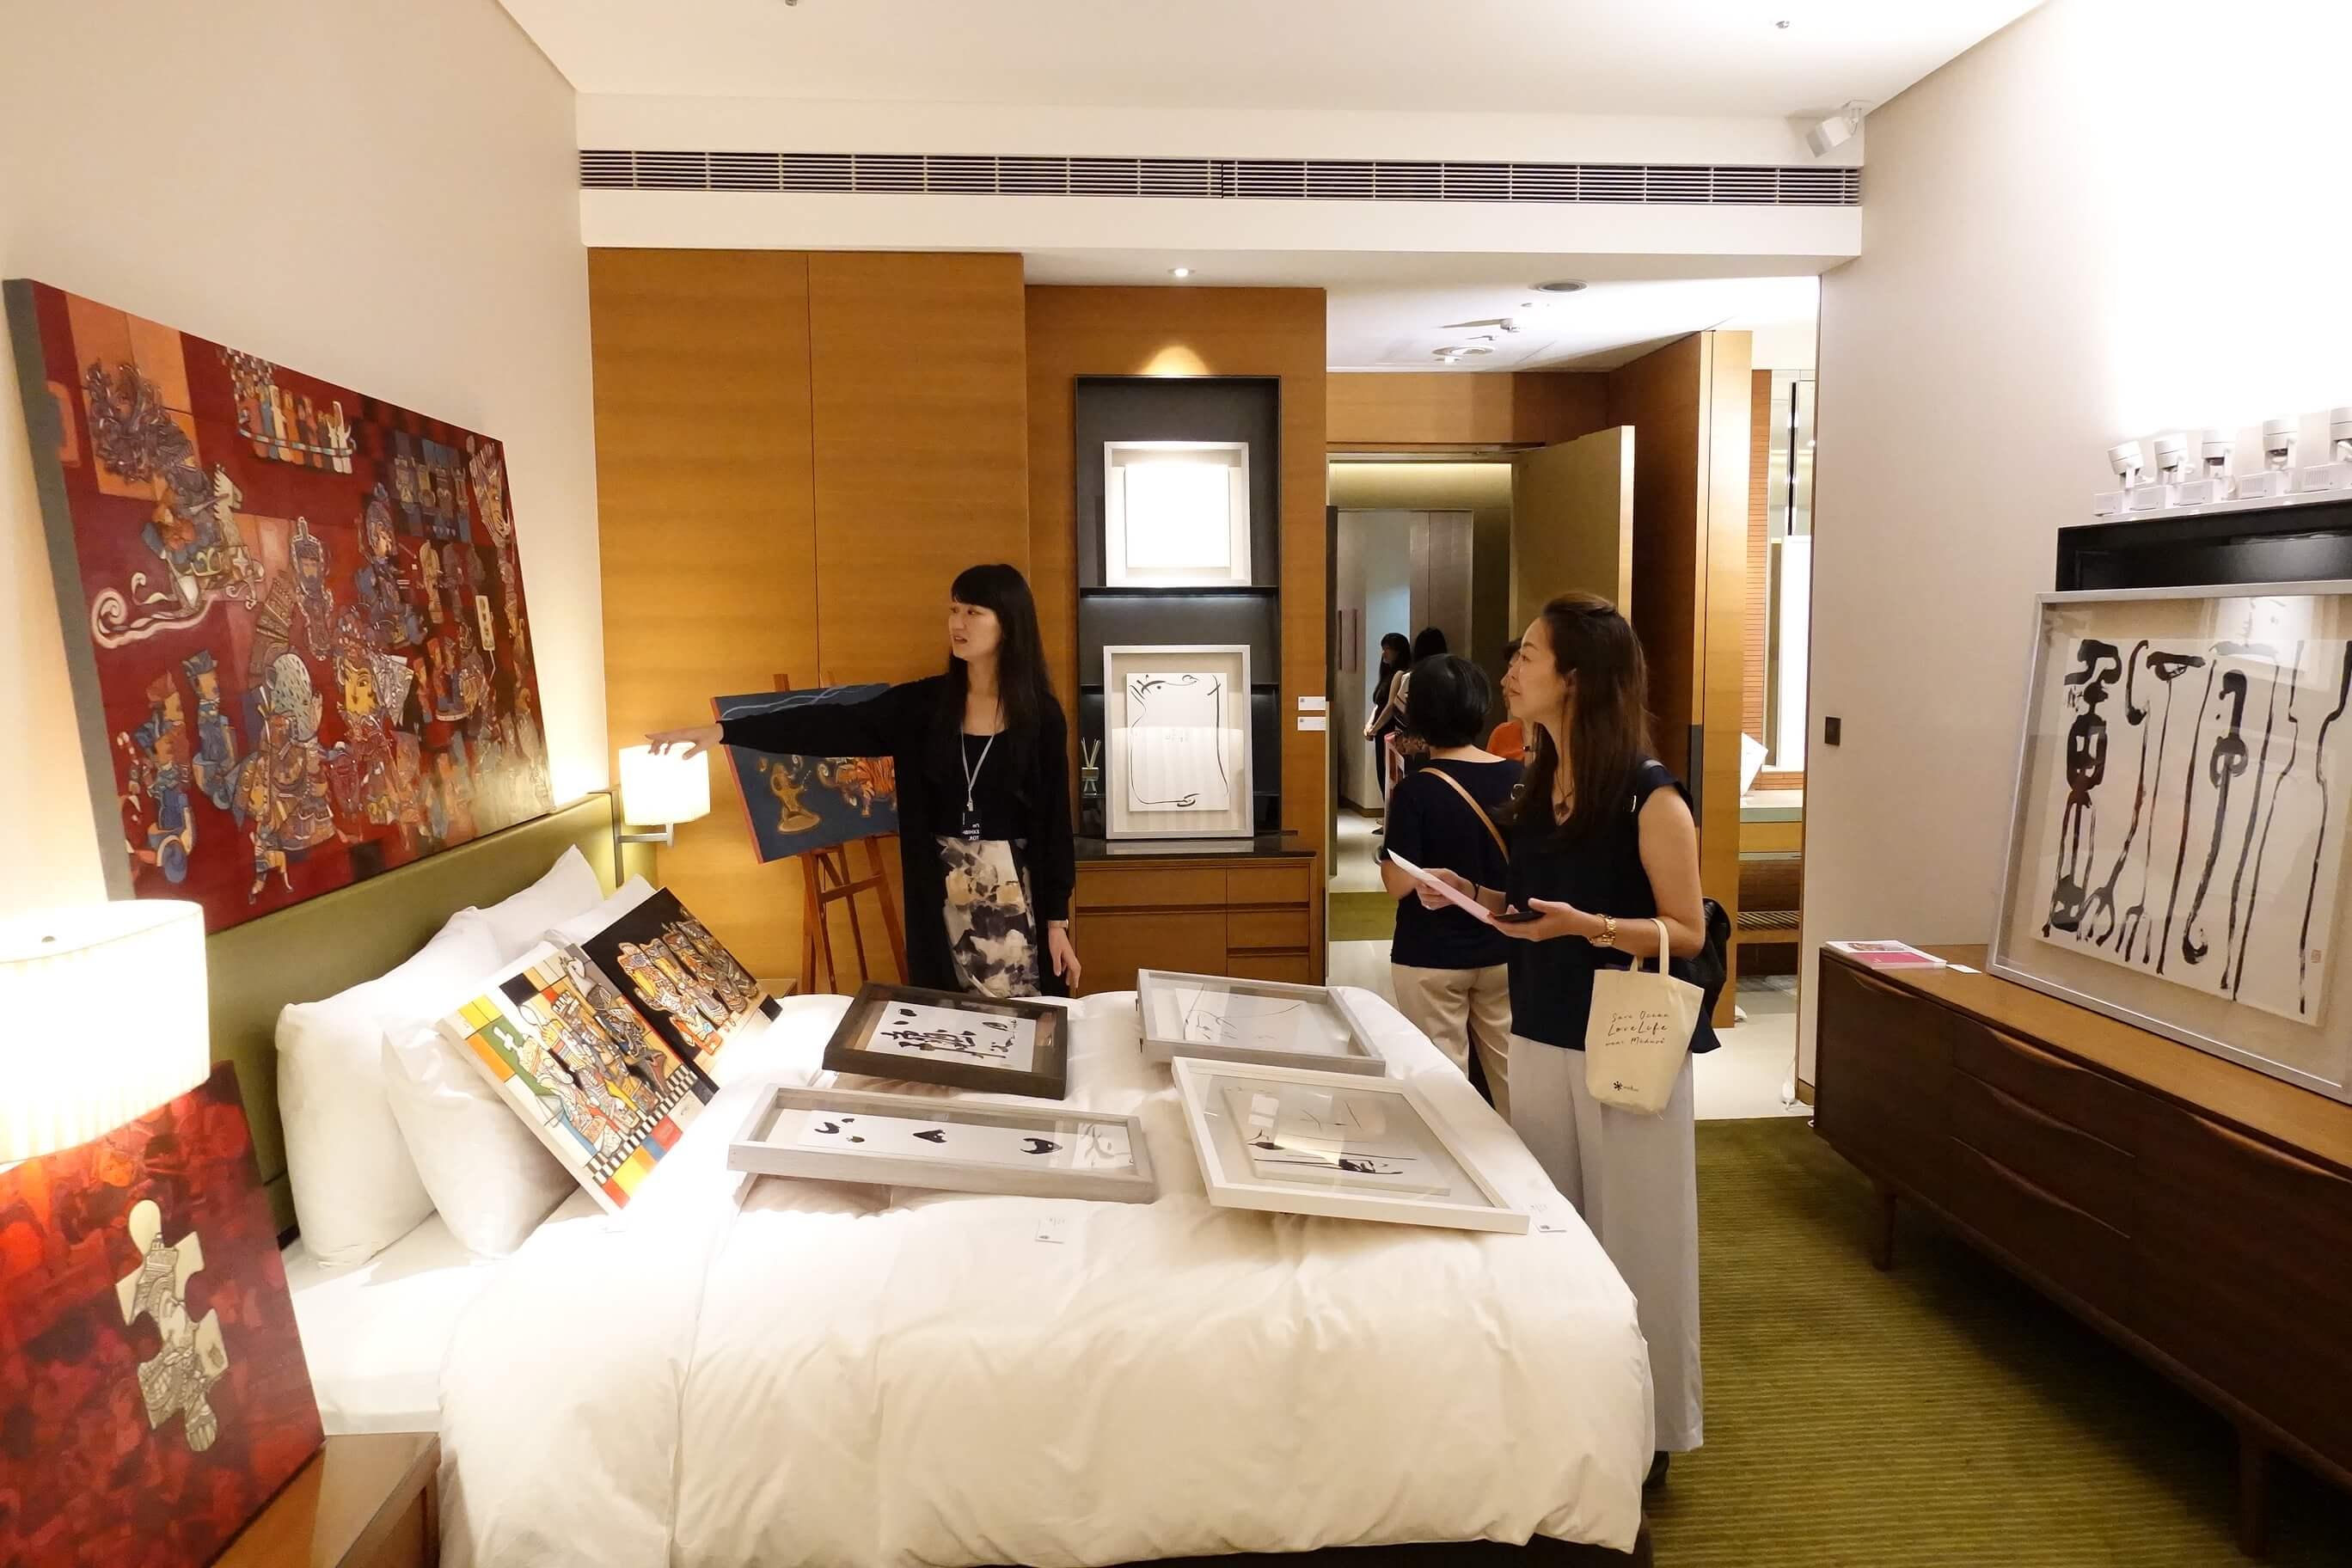 唐灣藝術中心展示空間。